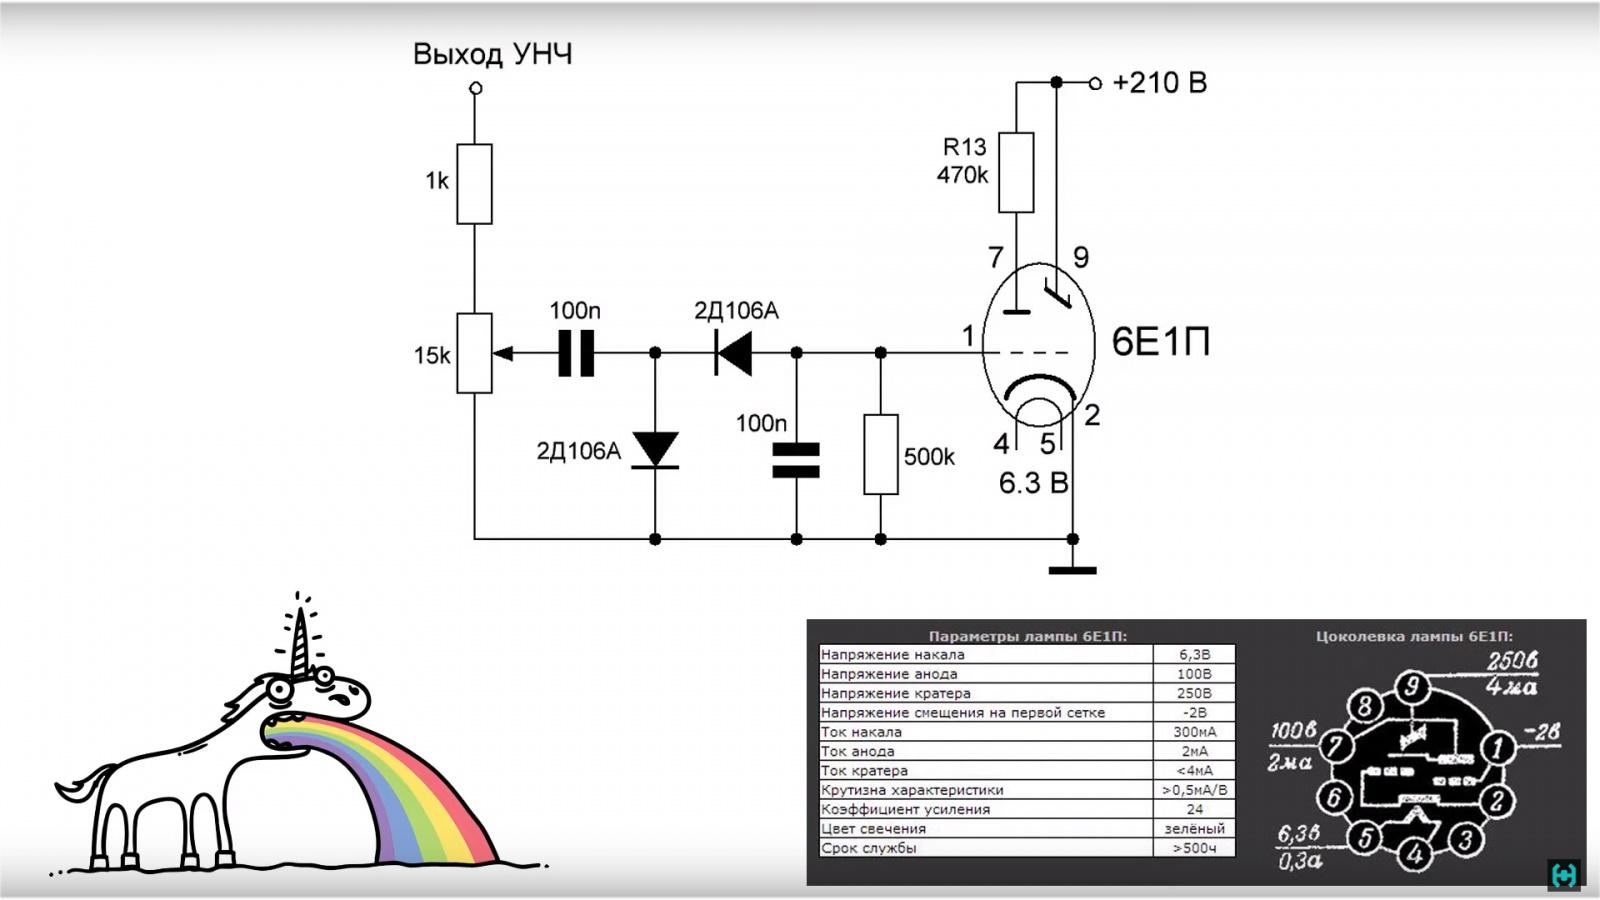 Визуализация звука на старинных лампах - 8